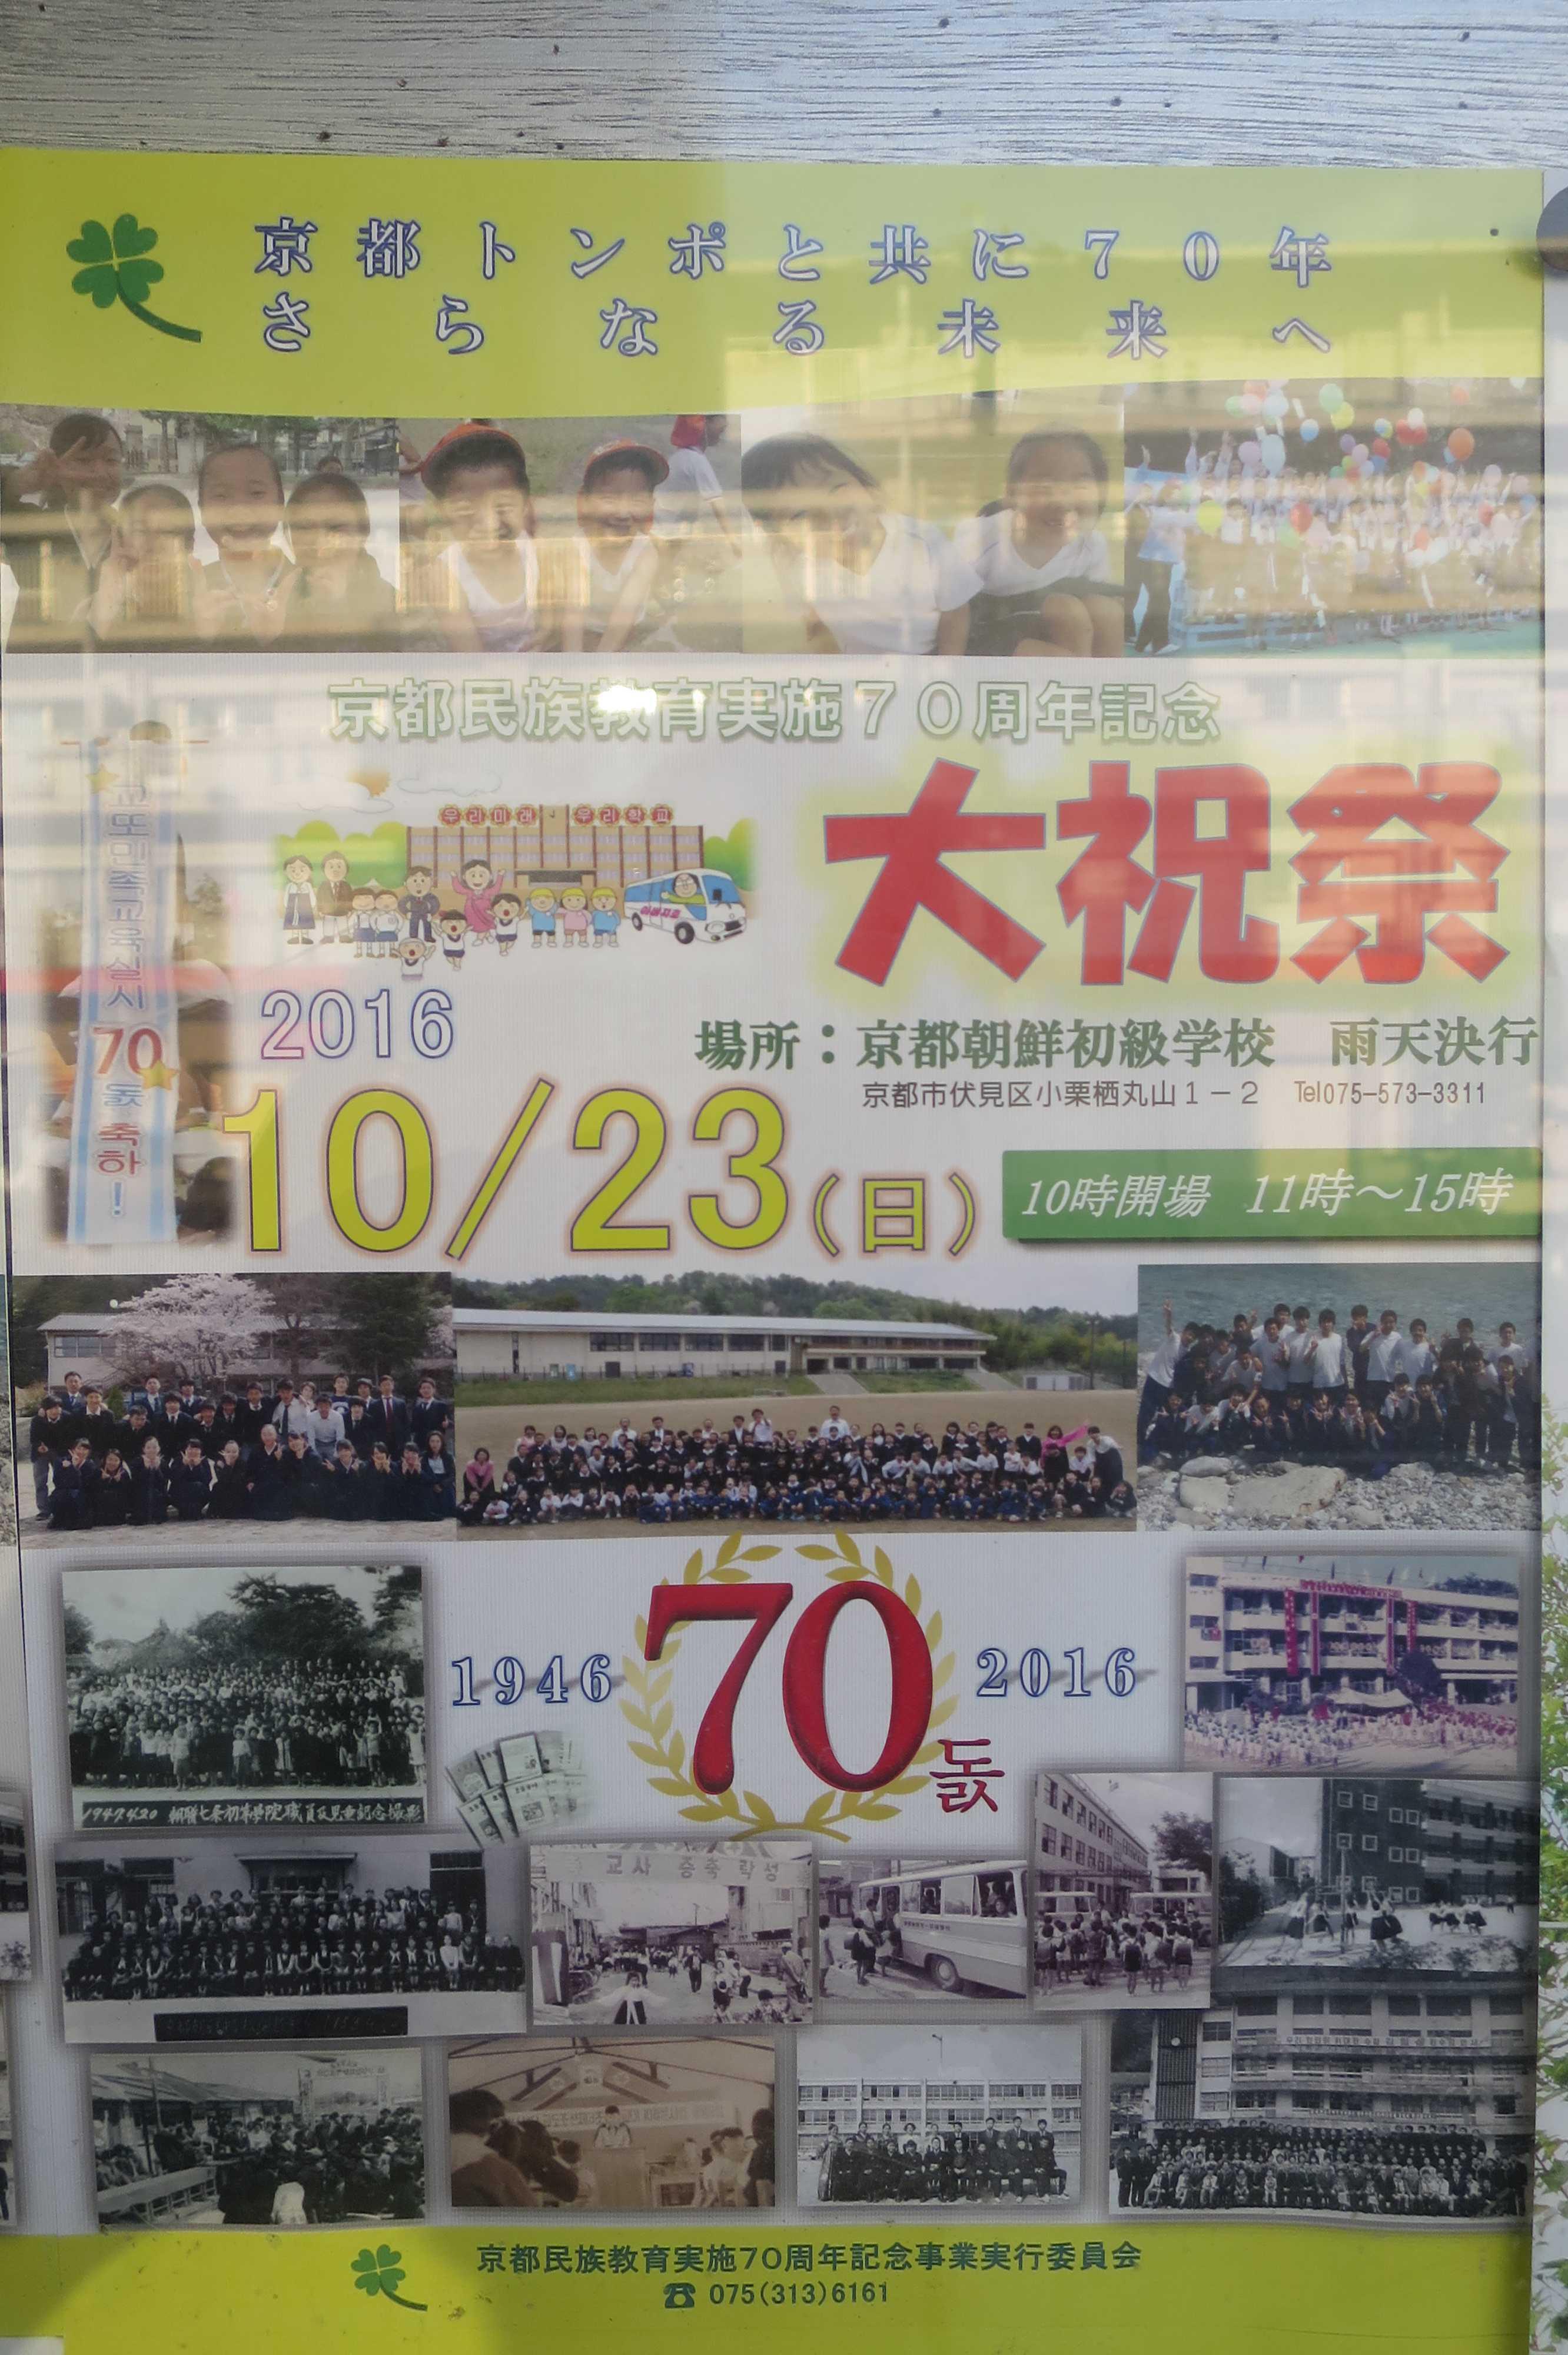 京都・山王地区 - 京都民族教育実施 70周年記念 大祝祭 場所: 京都朝鮮初級学校